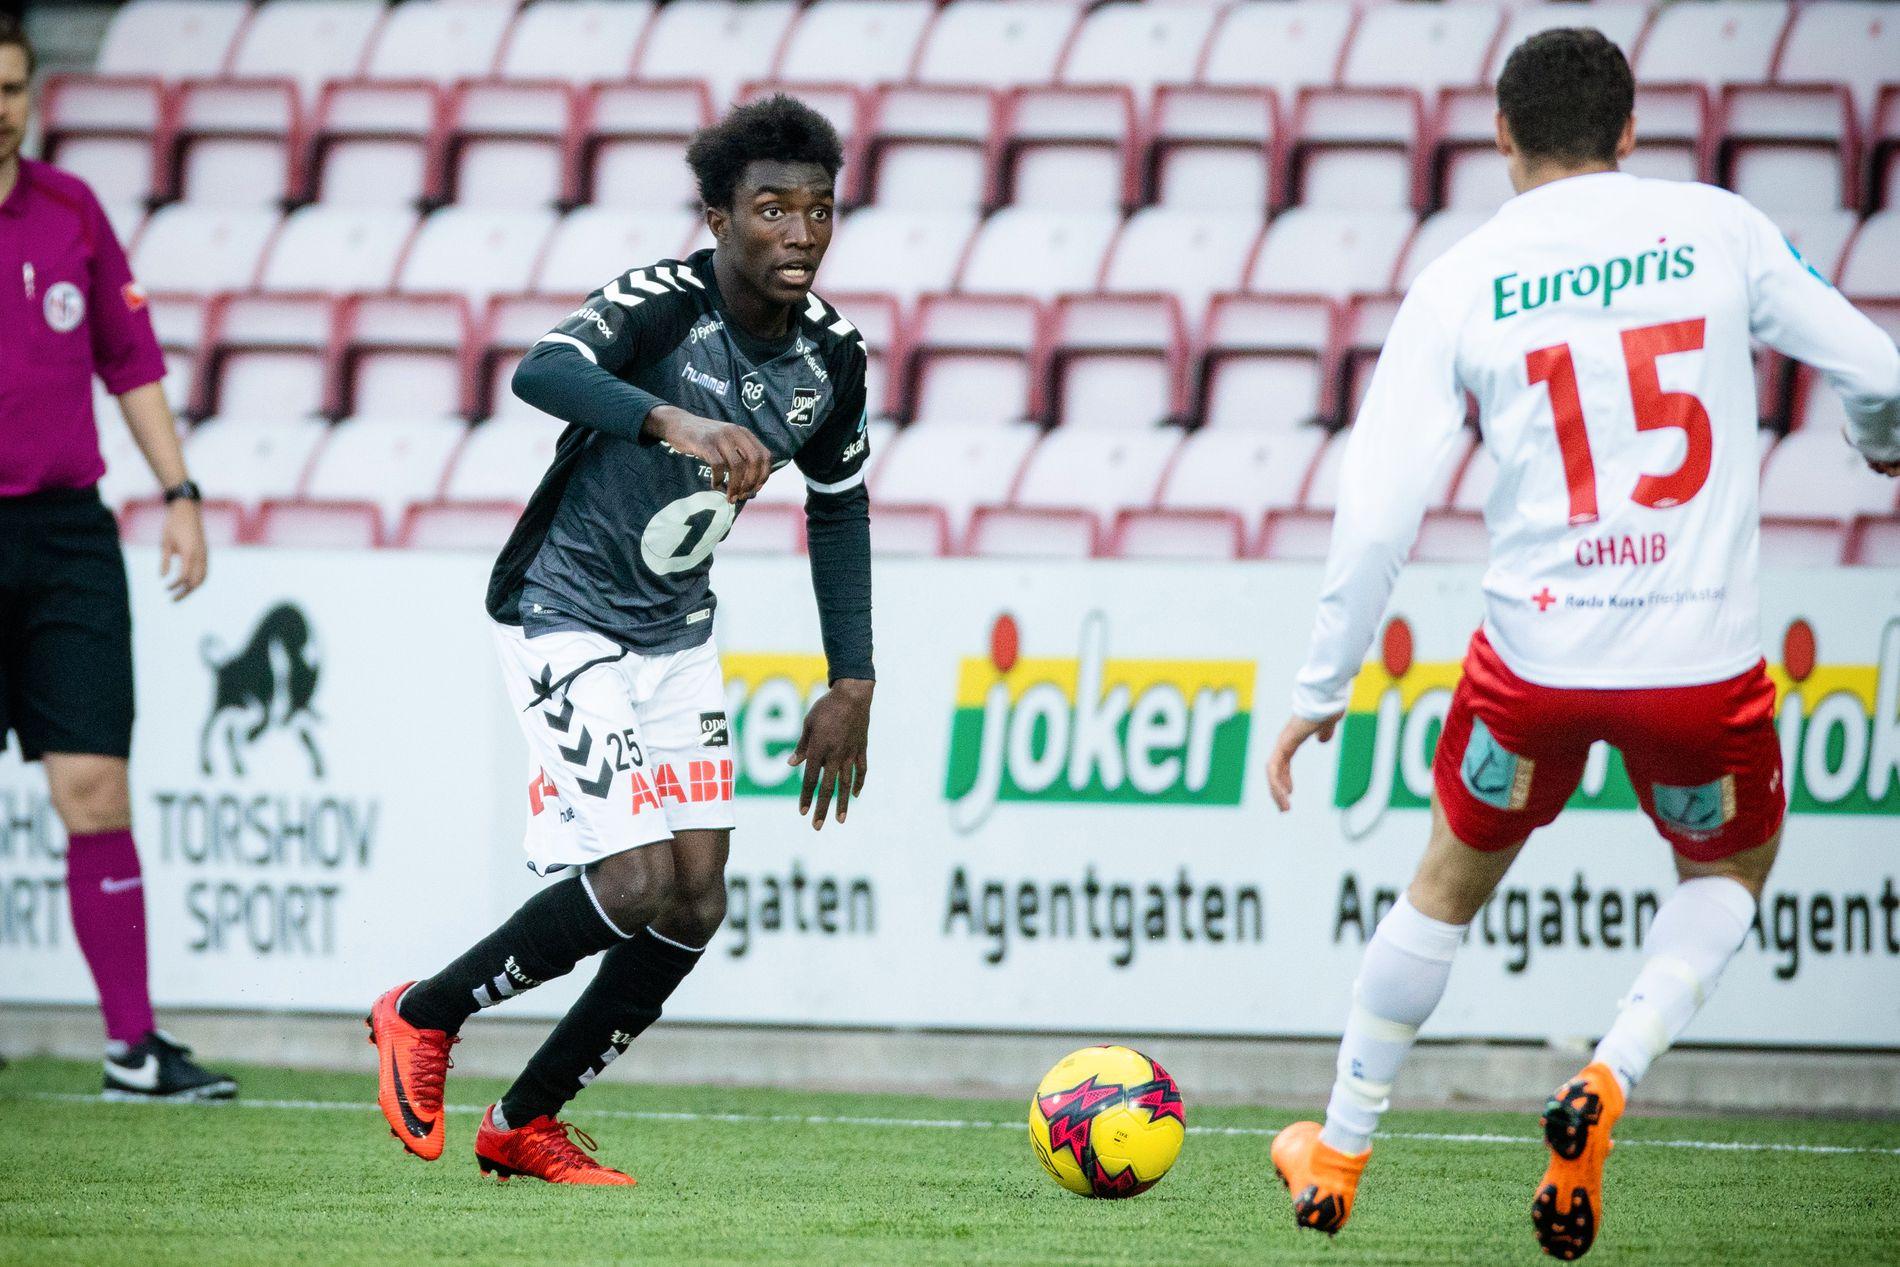 ULV I FÅREKLÆR: John Kitolano kan bli klar for Wolverhampton onsdag. Her i kamp i cupen mot Fredrikstad tidligere denne sesongen.